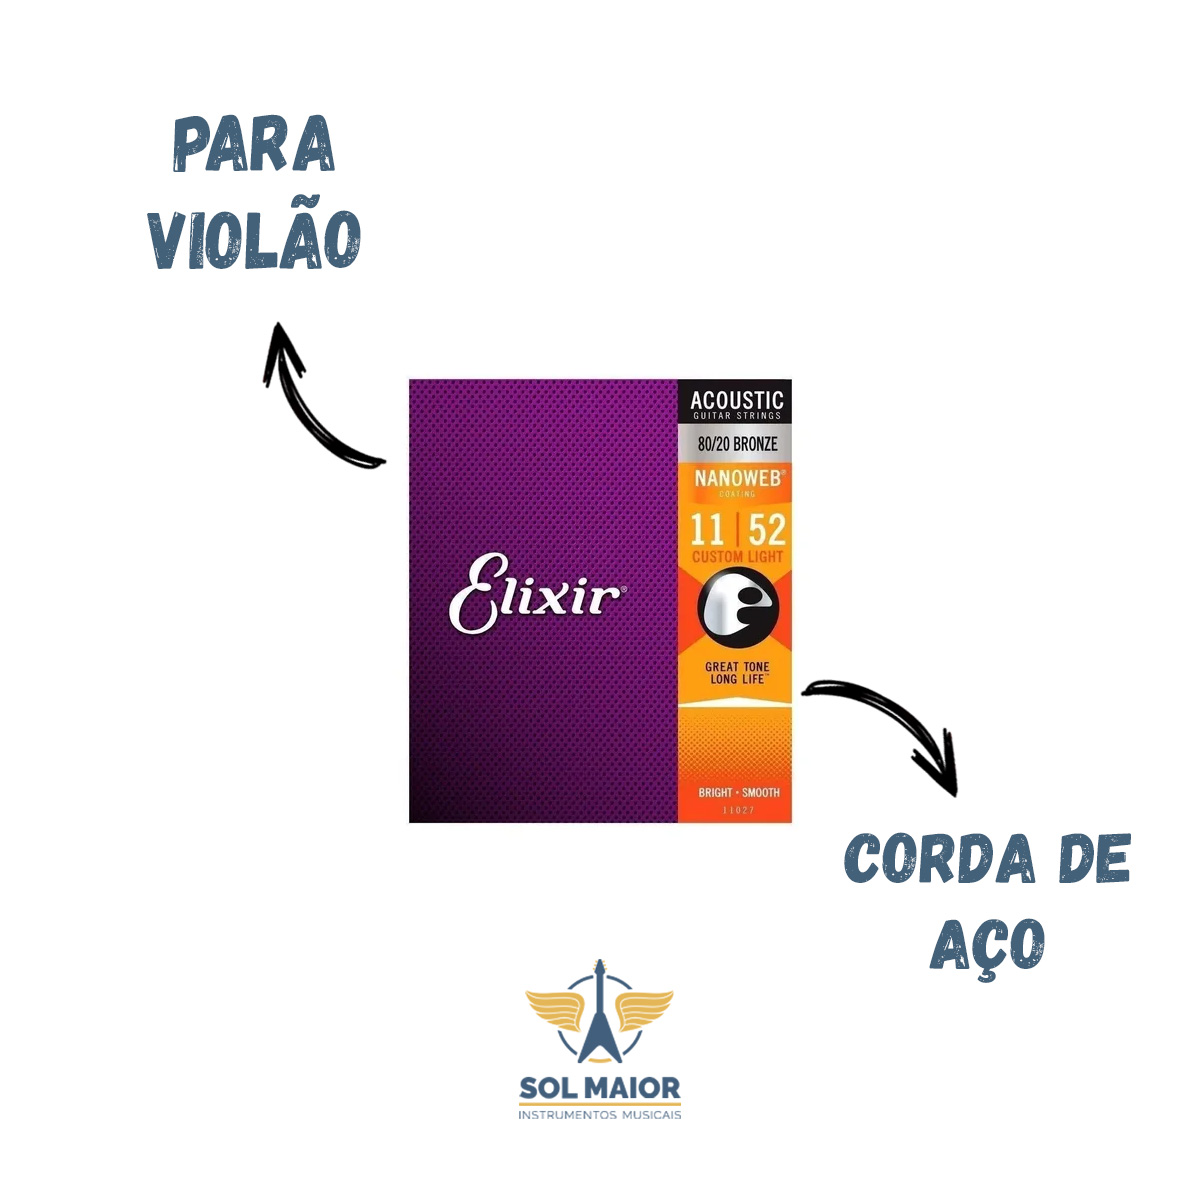 Encordoamento Elixir Violao Custom Light 011 Izzo